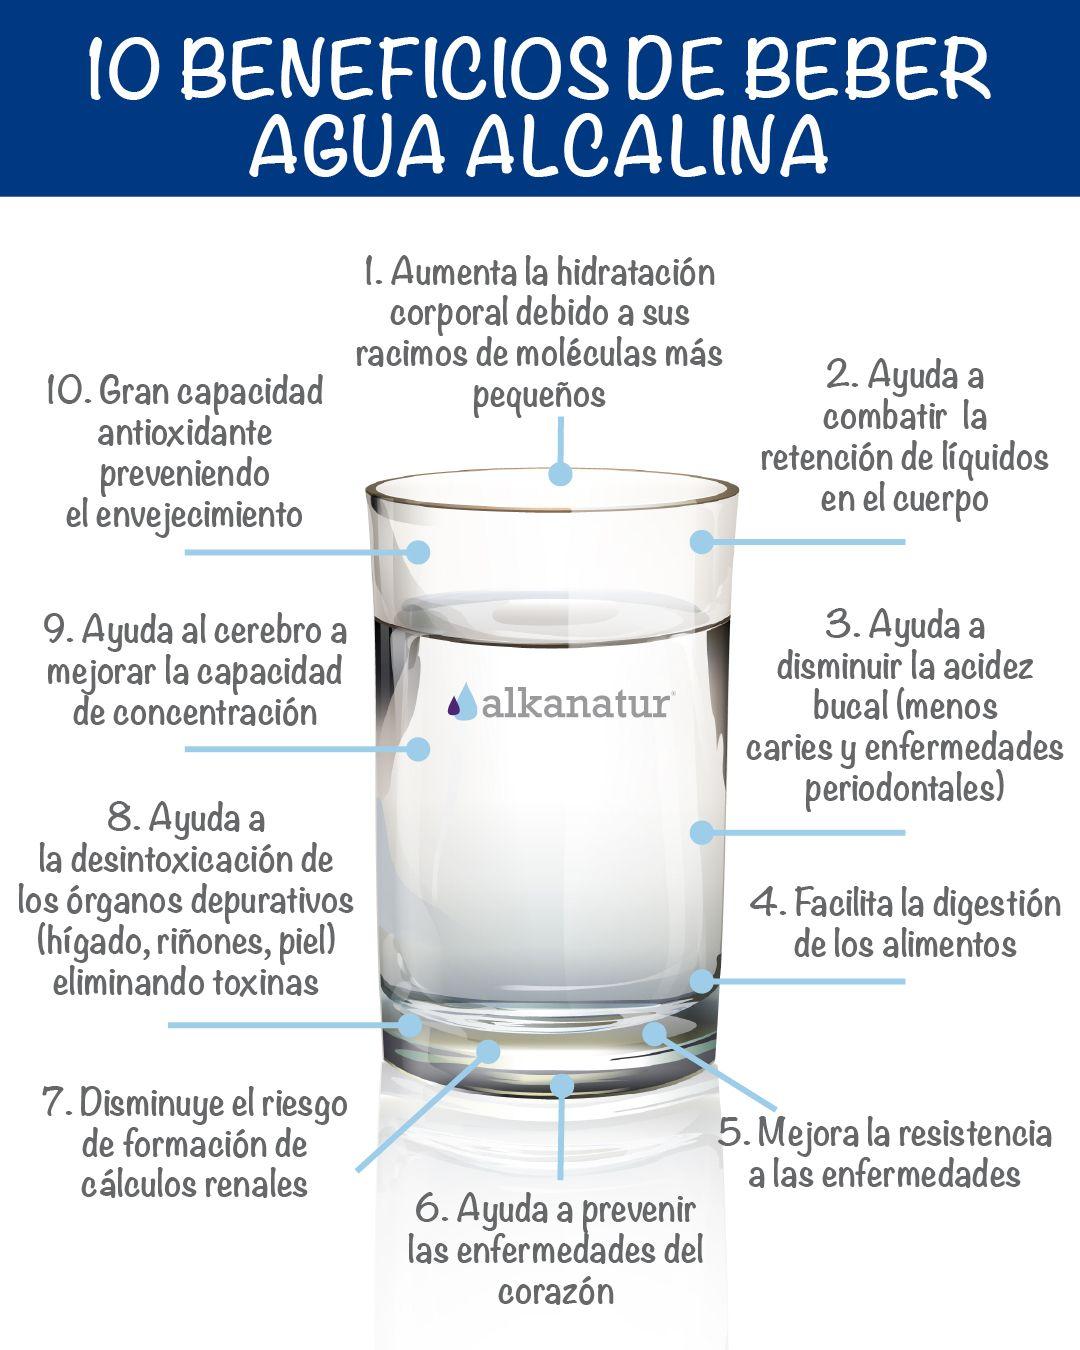 Propiedades y beneficios del agua alcalina